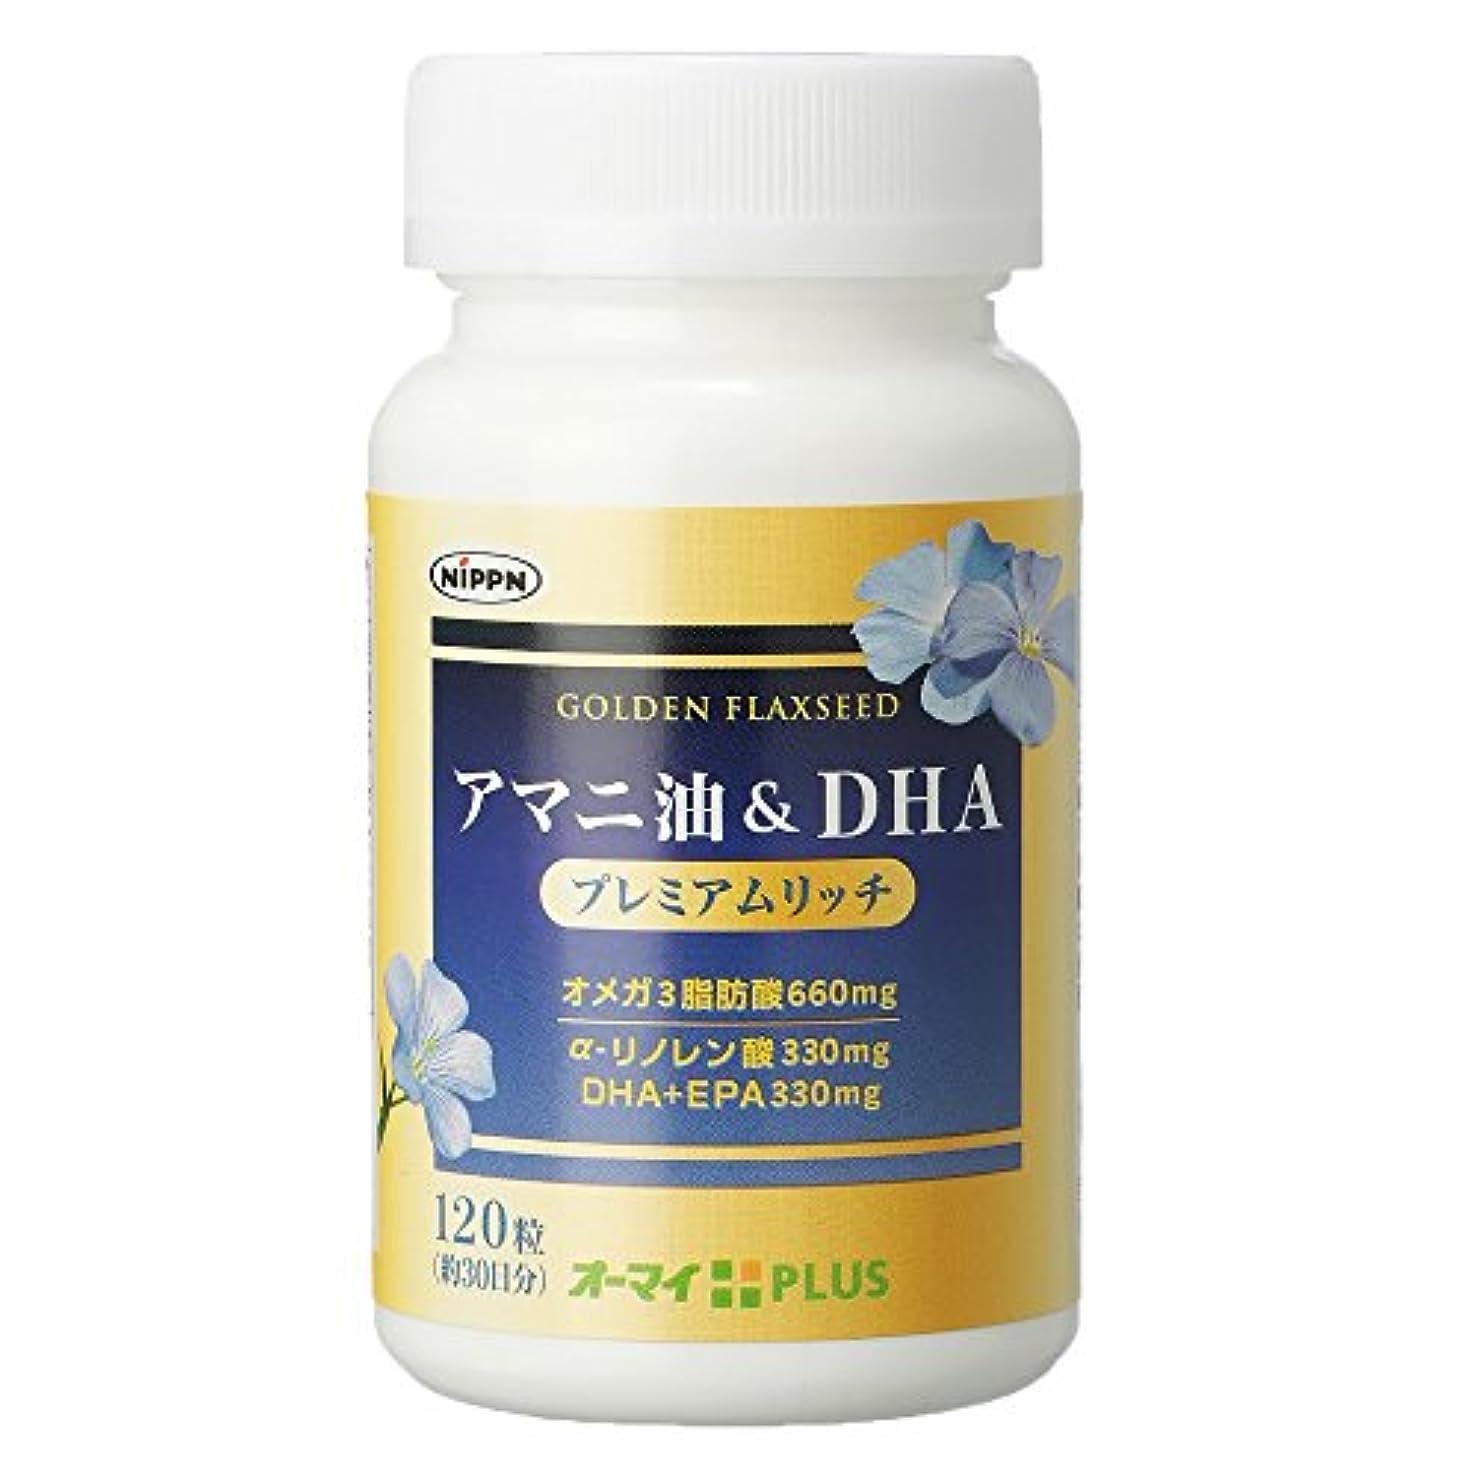 エラー魅力的であることへのアピール整理するアマニ油&DHA プレミアムリッチ 120粒(約30日分)